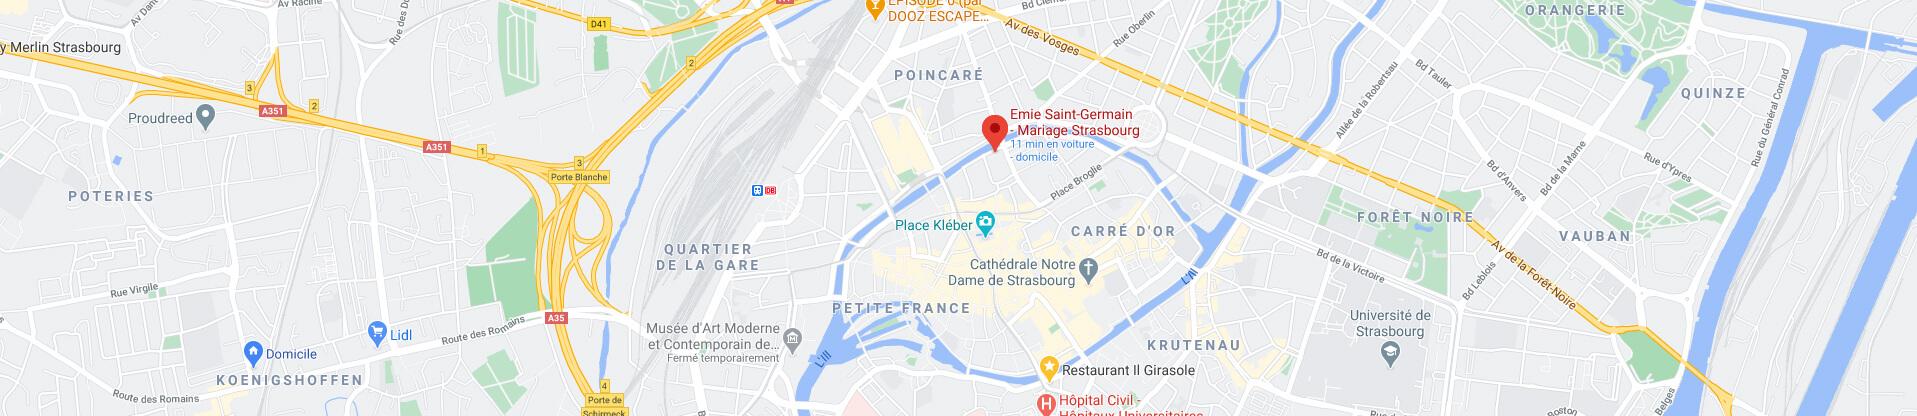 Plan d'Emie Saint Germain, boutique de robe de mariée à Strasbourg